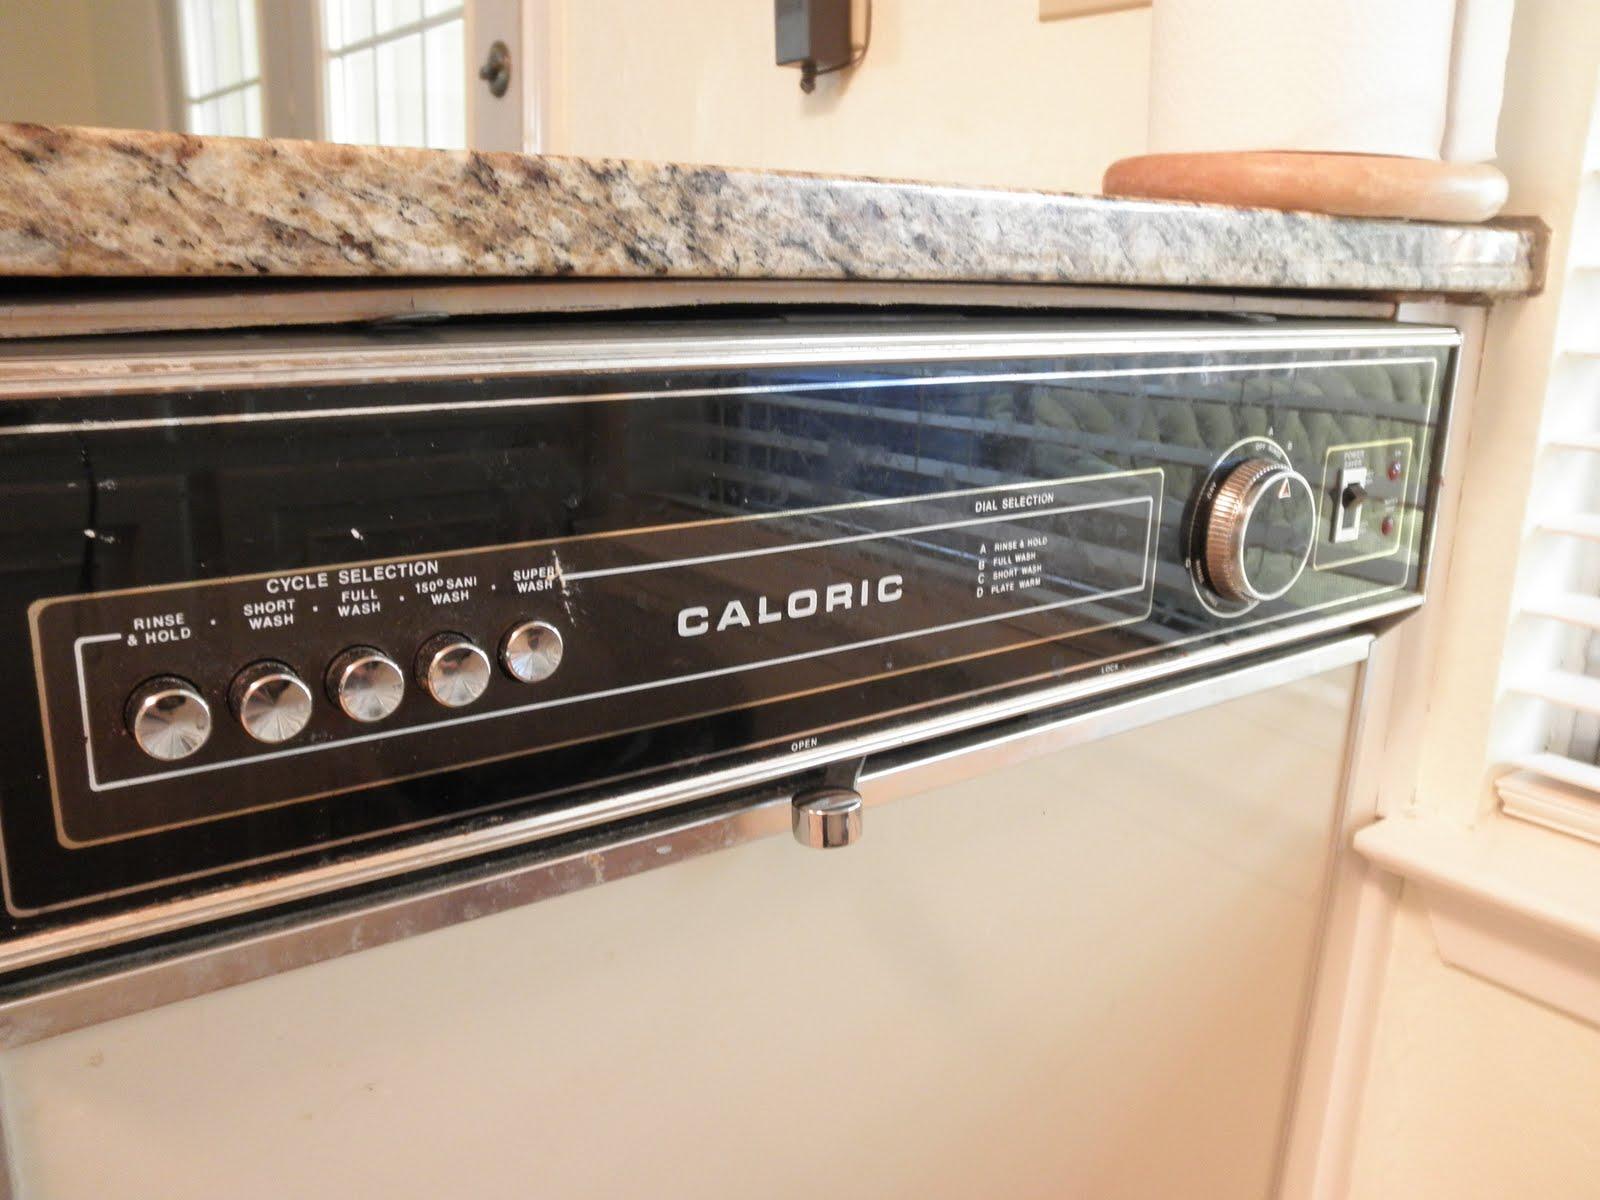 Bảo hành máy rửa bát Caloric chính hãng tại nhà